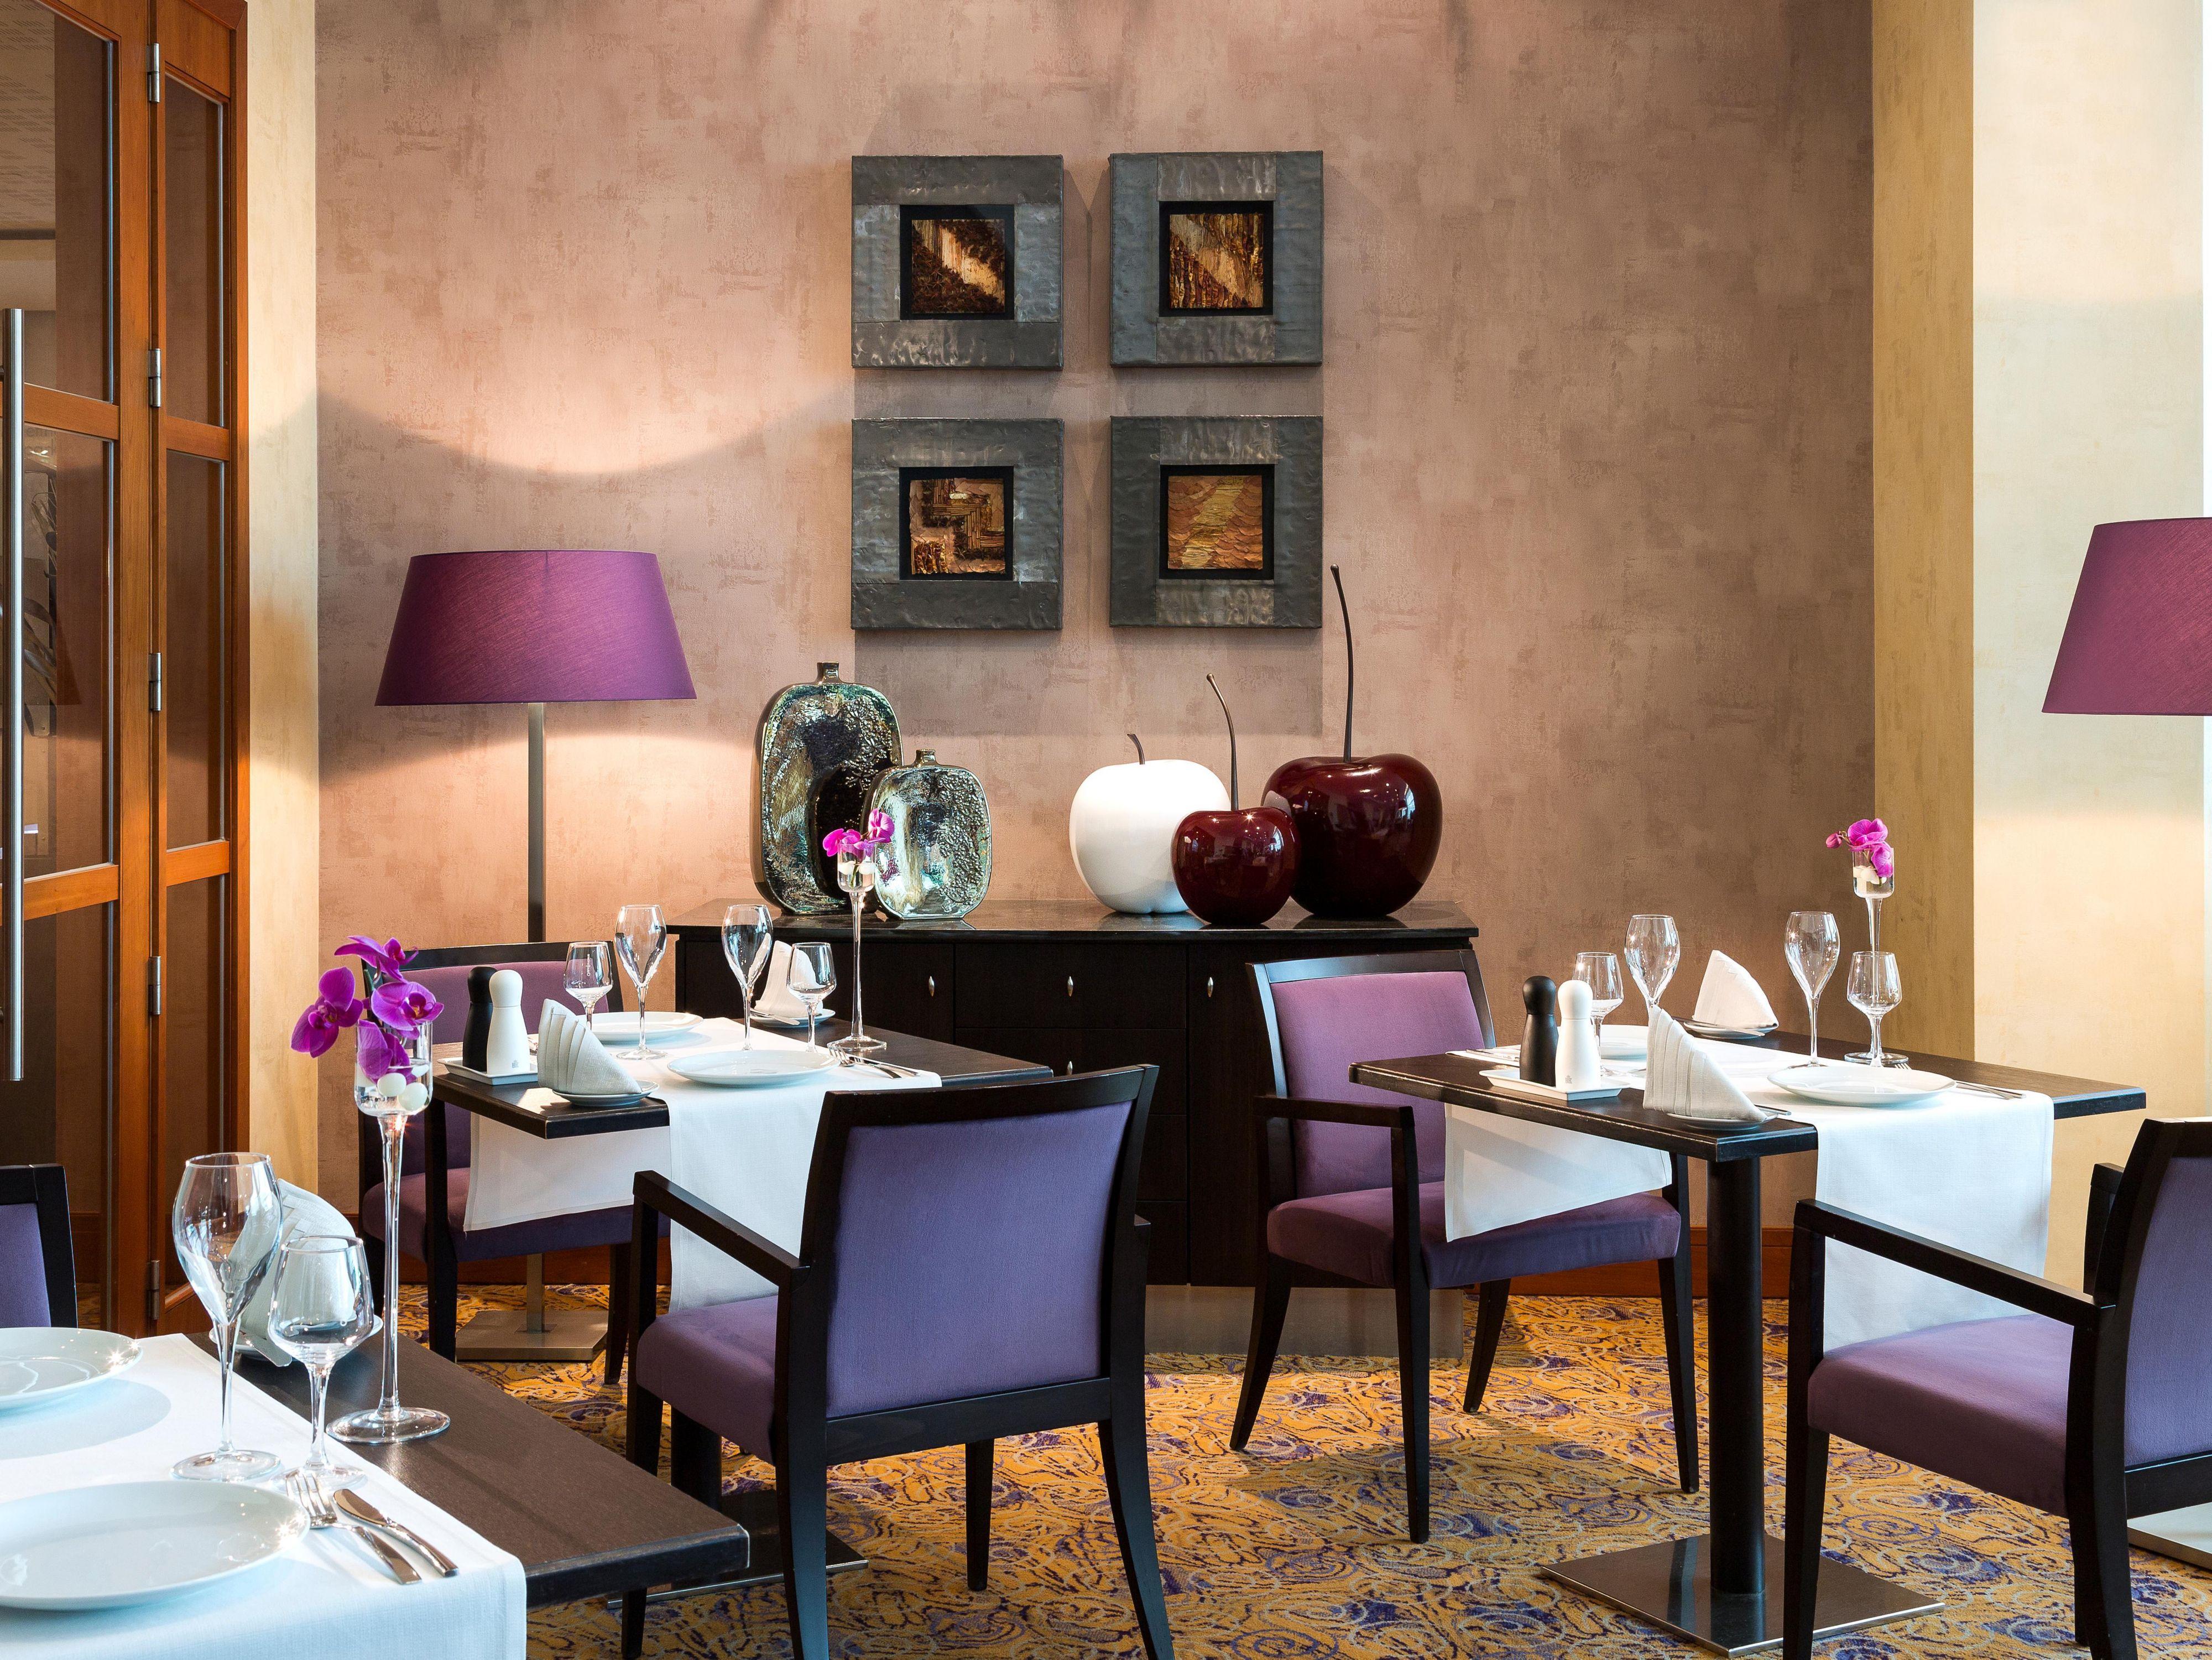 Restaurant In Brussels Airport Area. GroupsandMeetingsPhotos. Merode  Meeting Room